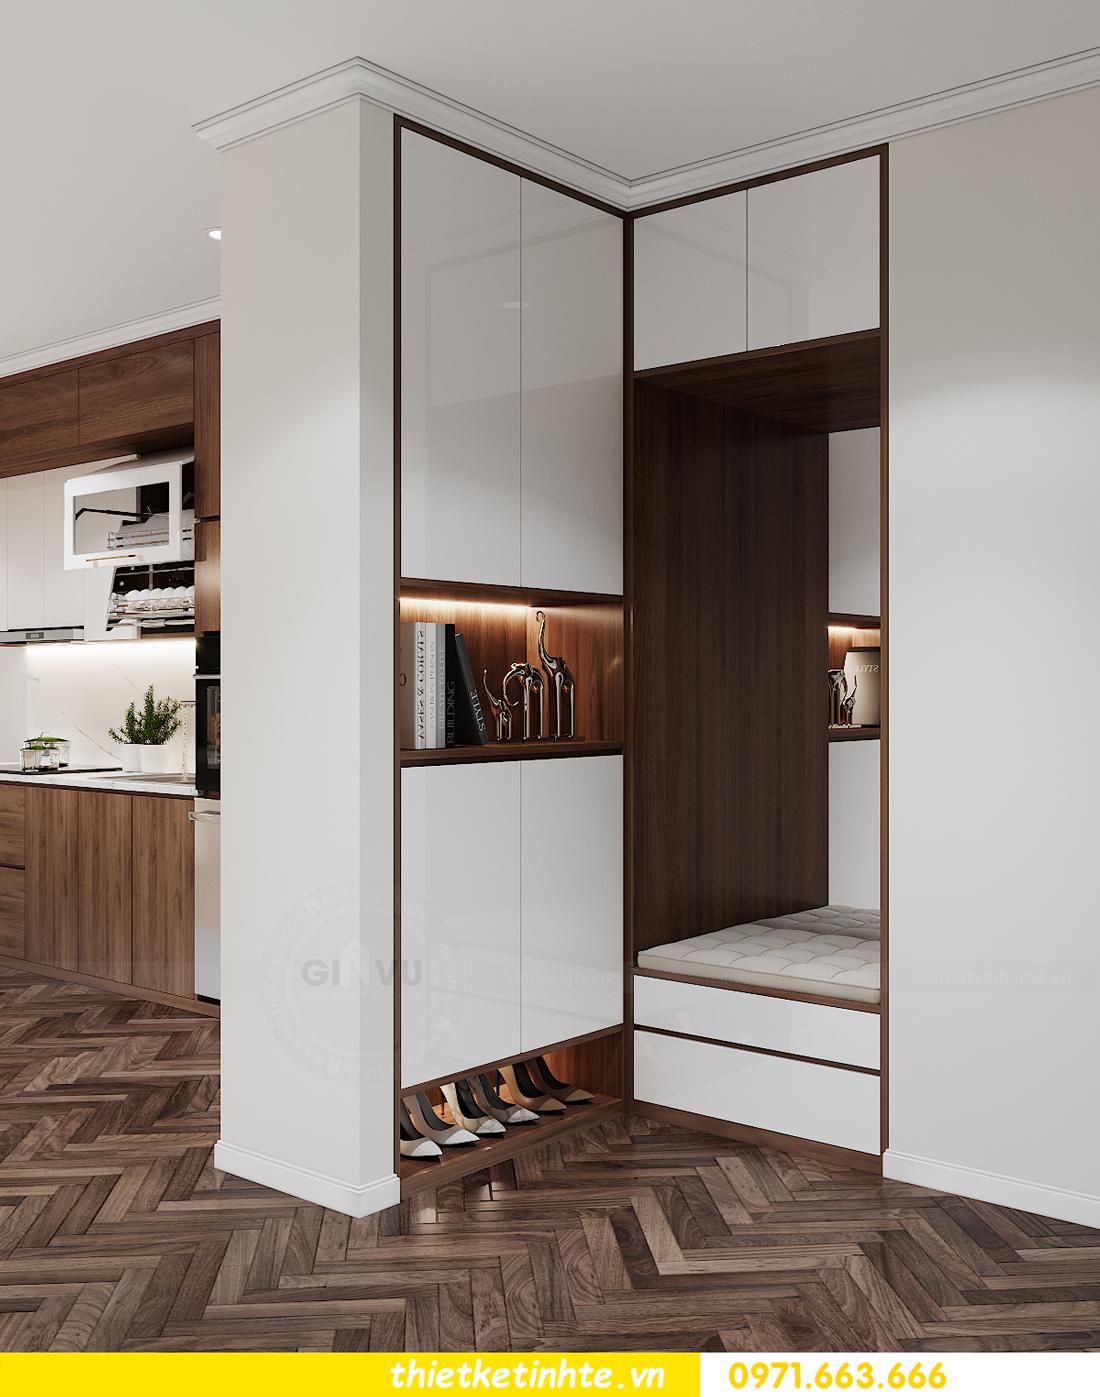 mẫu nội thất căn hộ đẹp tại Vinhomes Ocean Park 1